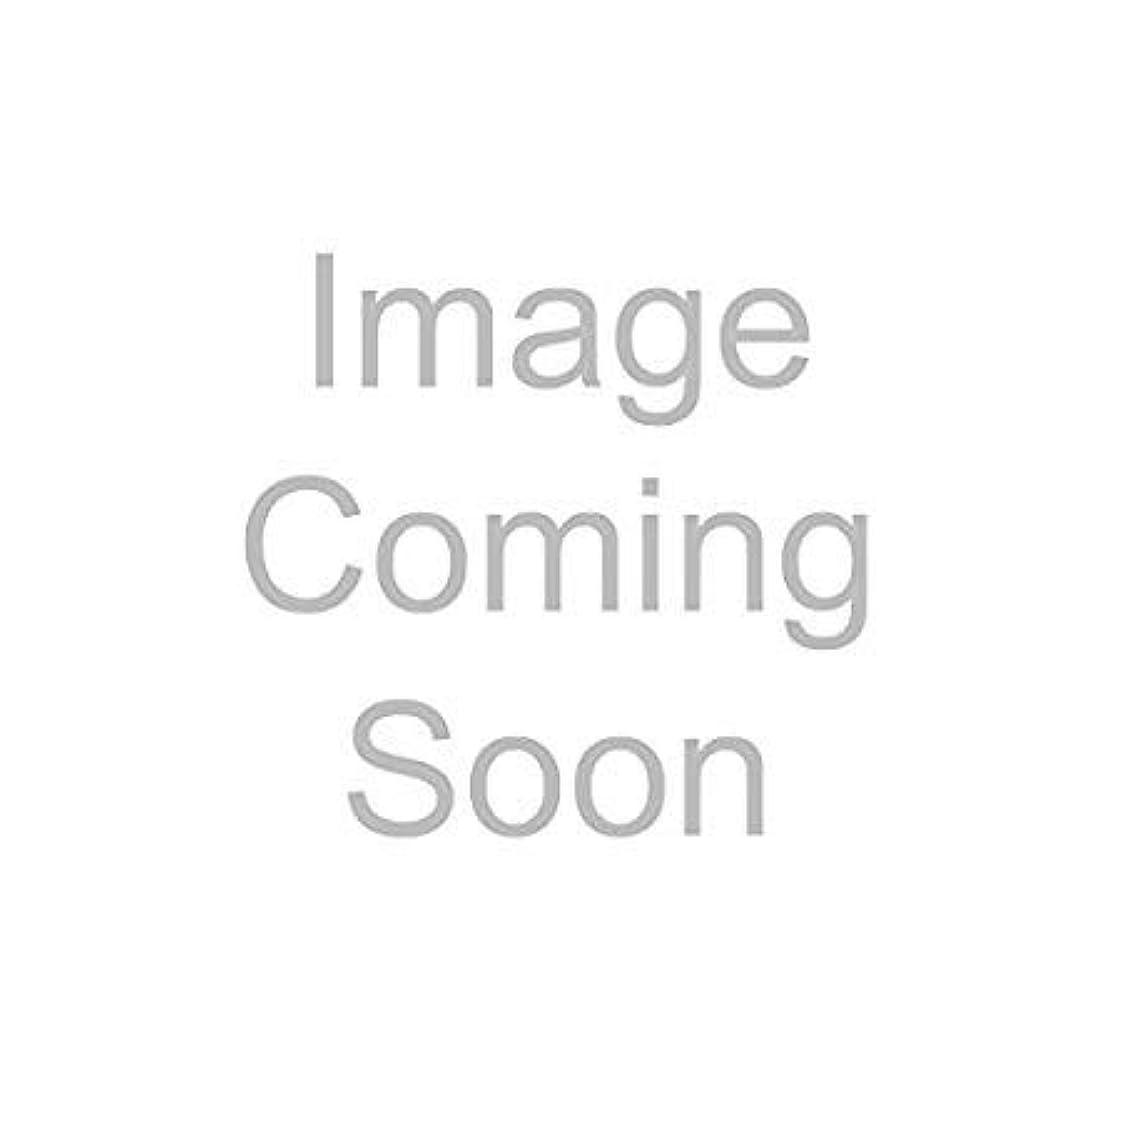 無法者することになっている召喚するディプティック キャンドル - サンタル(サンダルウッド) 190g/6.5oz並行輸入品